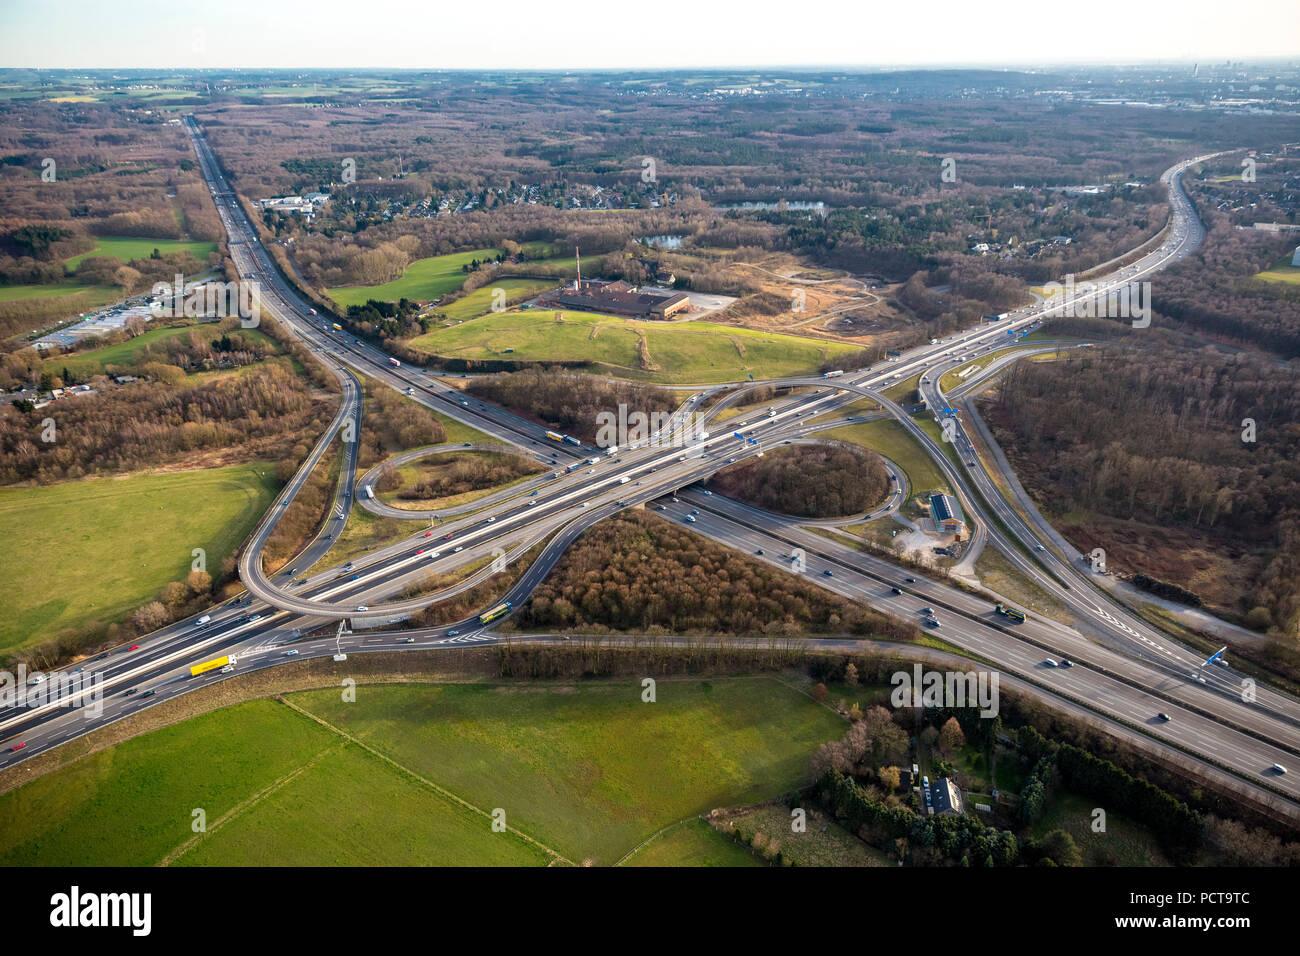 Aerial photo, Autobahnkreuz Breitscheid interchange, A3 and A52 Autobahnen (motorways), Ratingen, Rhineland - Stock Image